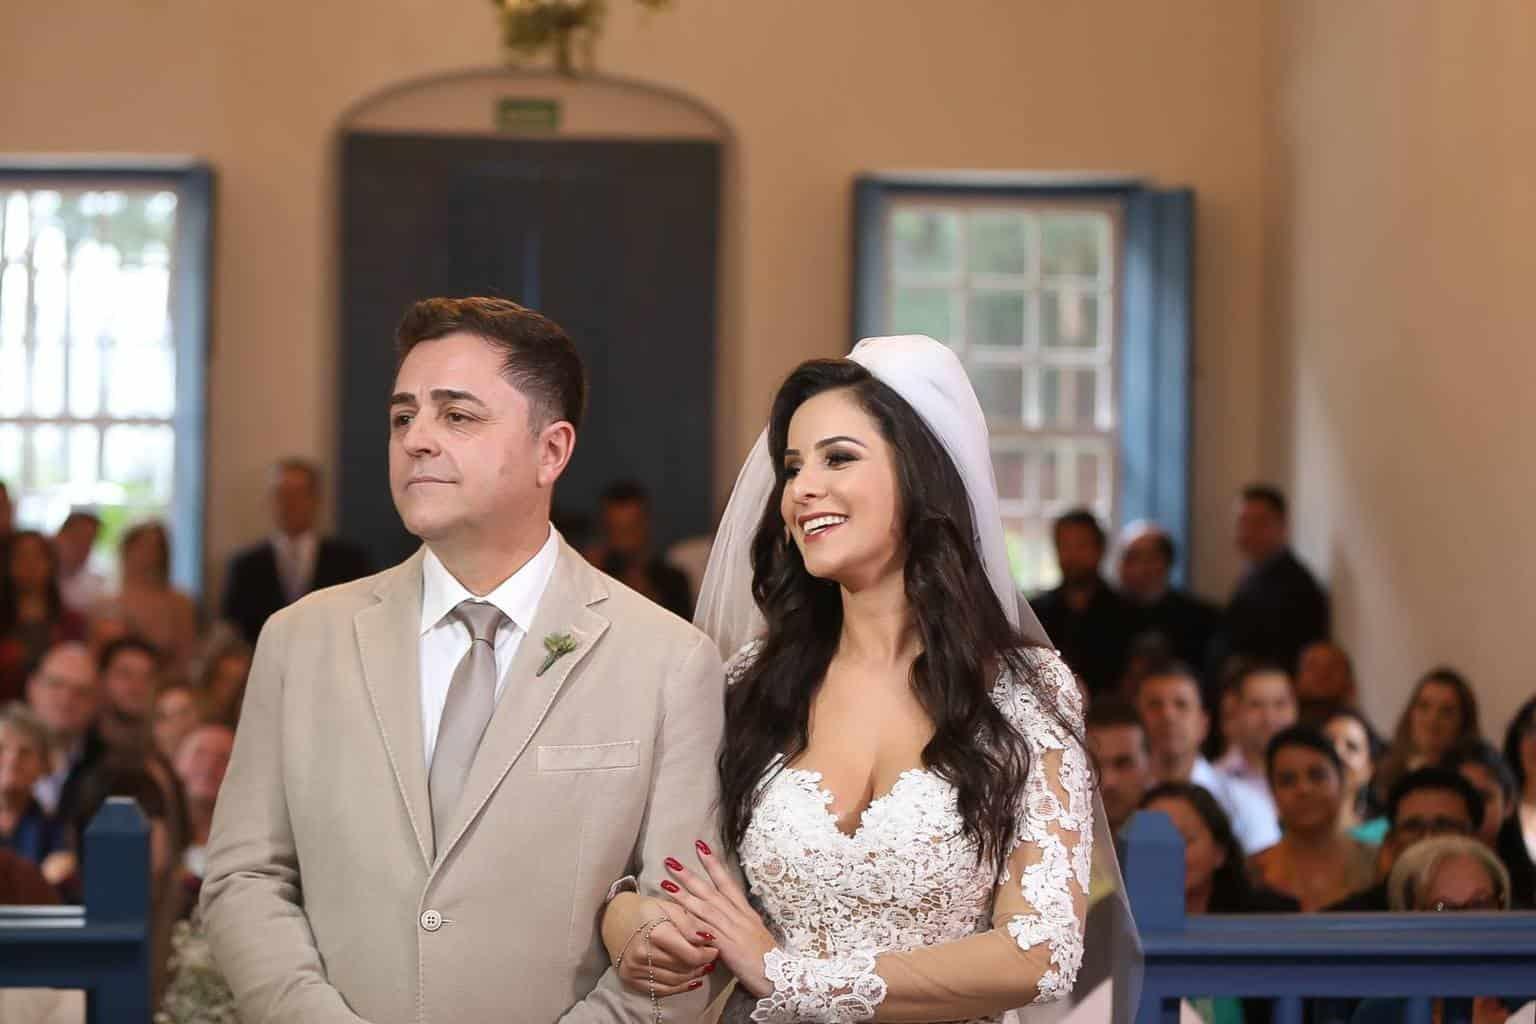 casamento-ariane-e-antonio-carlos-caseme-foto-silvia-penati-87